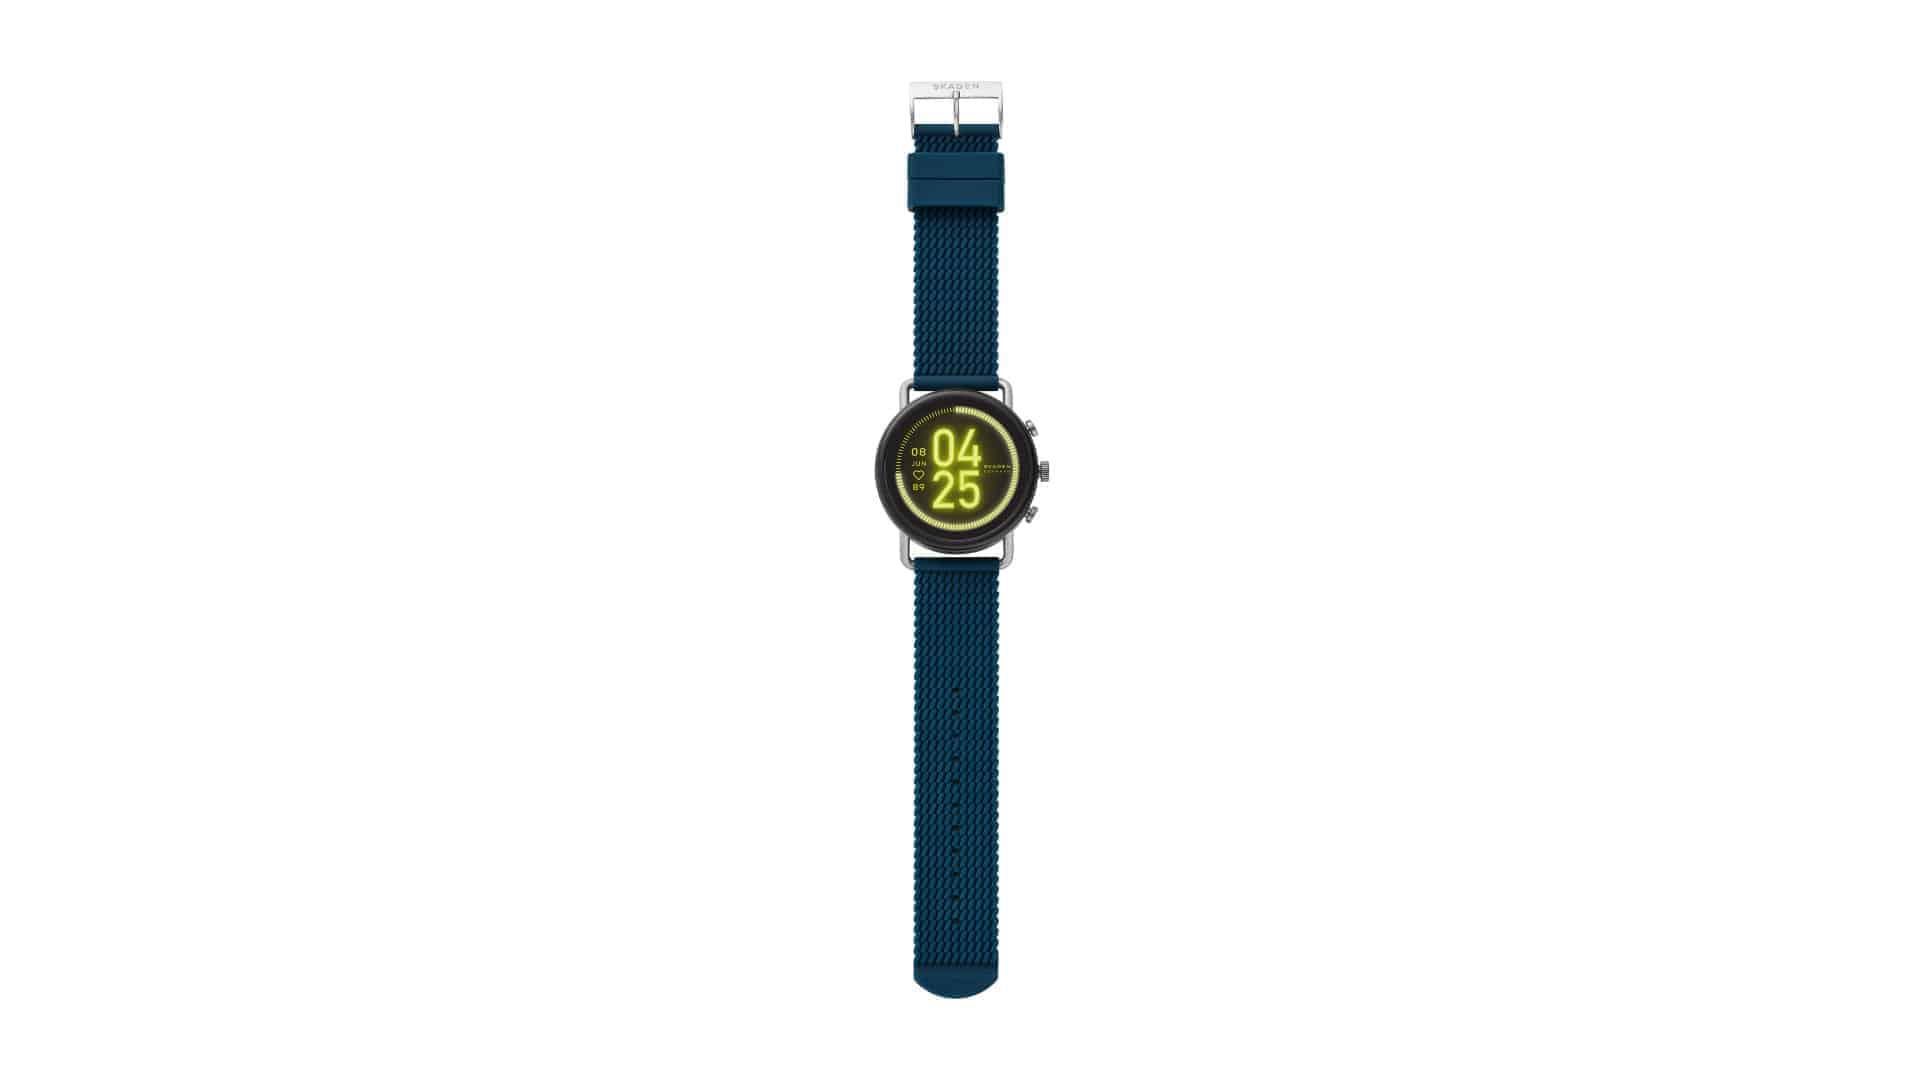 SKAGEN Falster 3 Wear OS Watch 15